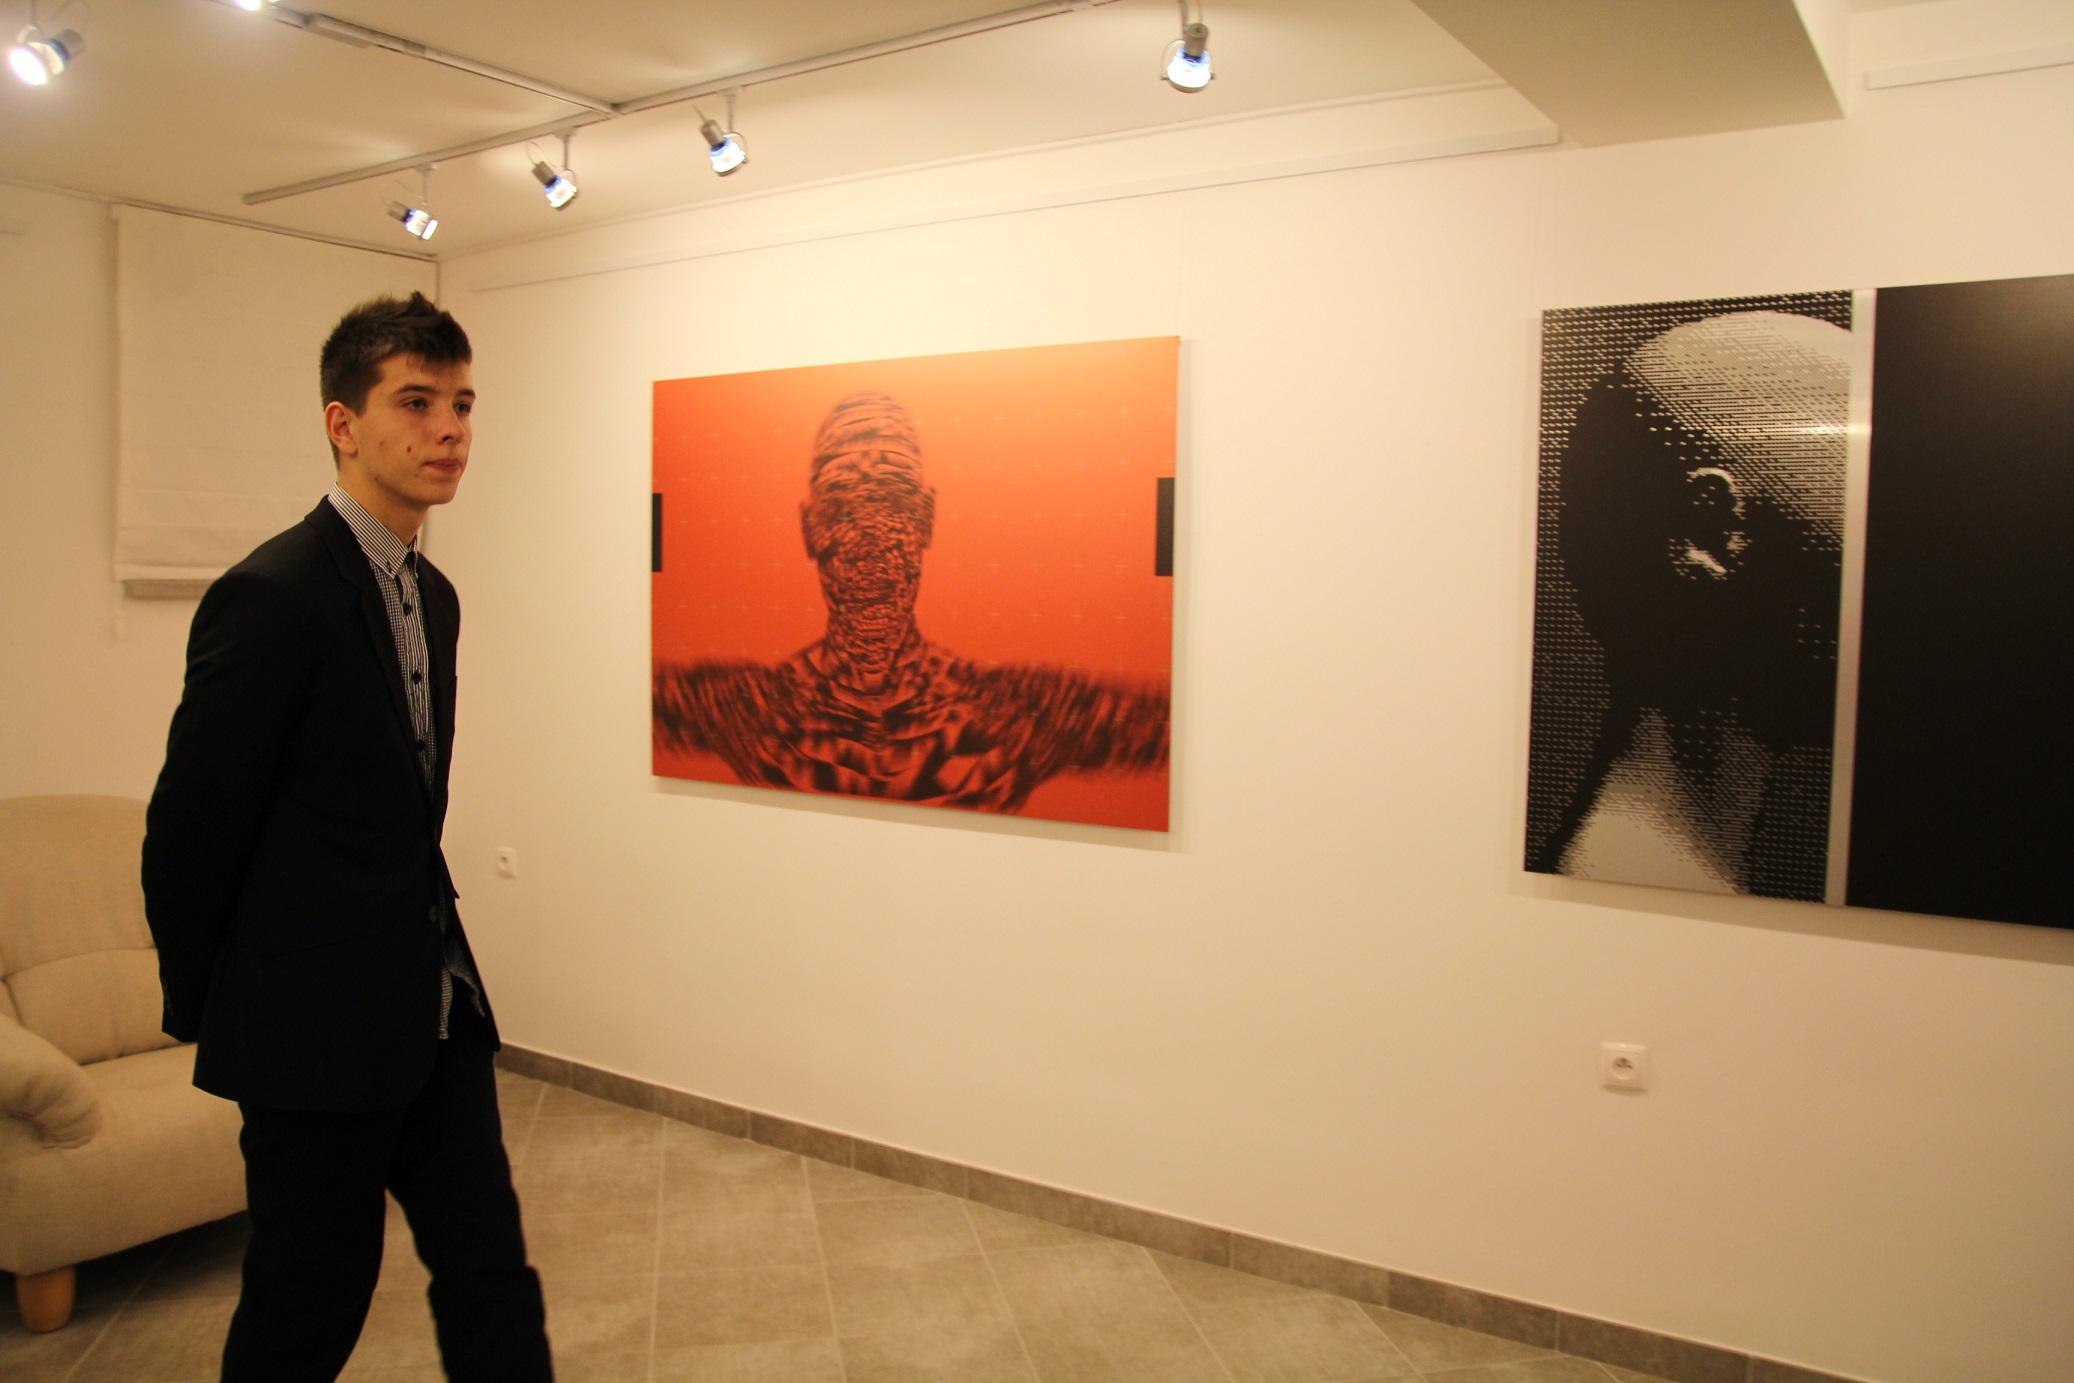 """Wernisaż wystawy """"Mirosław Pawłowski. Kamuflaż"""", listopad 2012."""